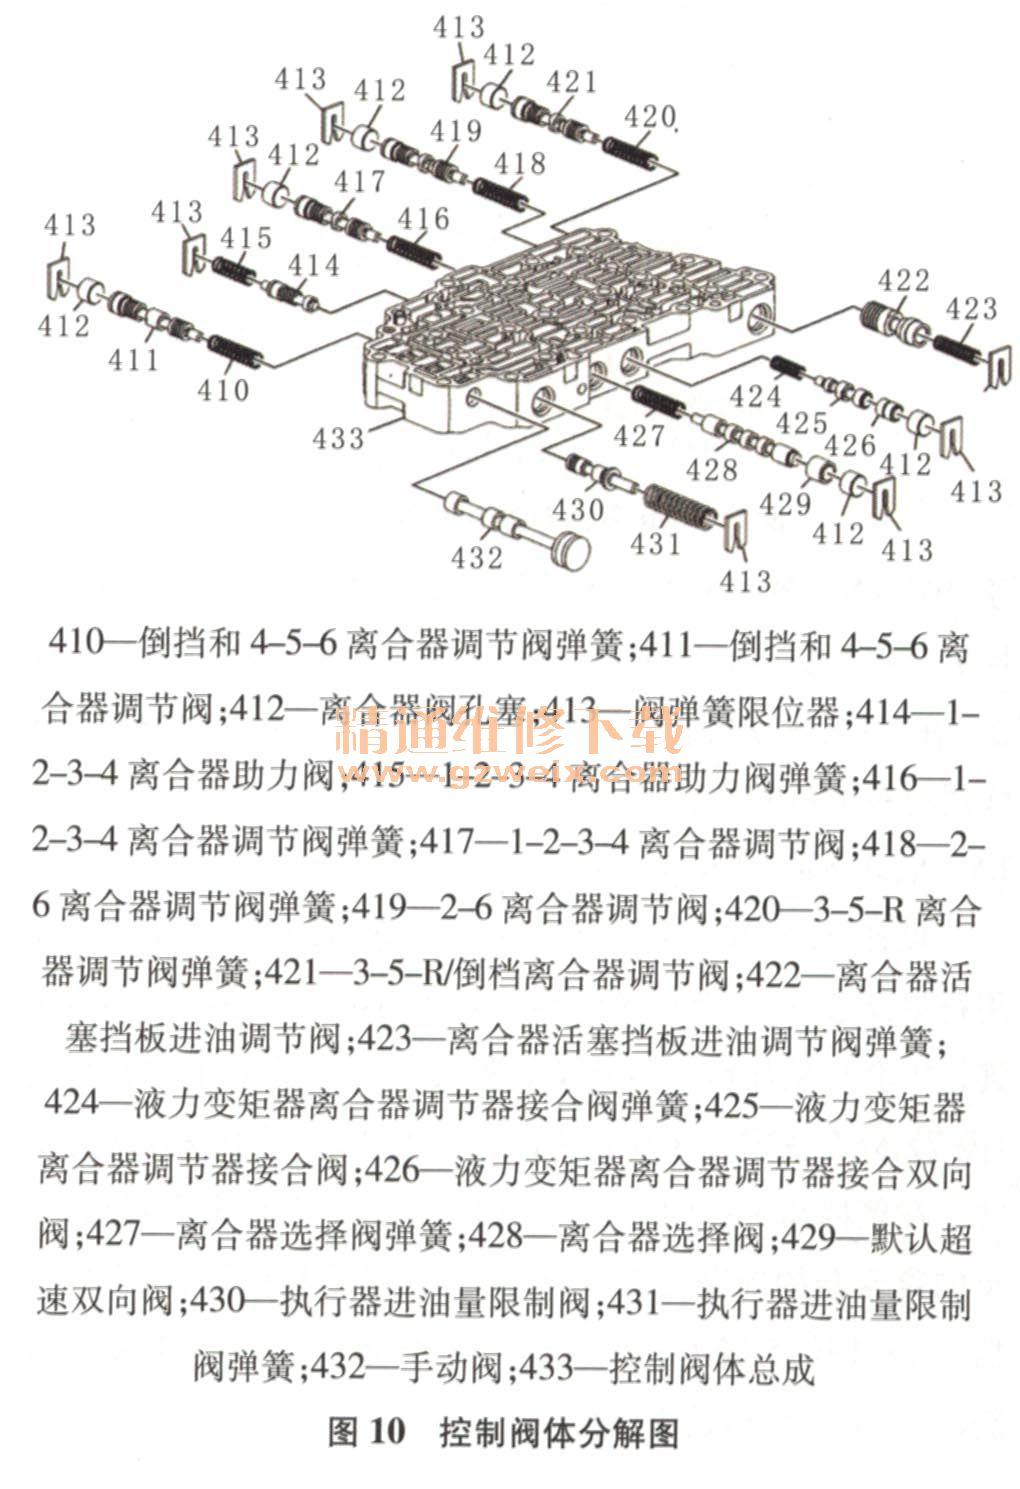 分析通用gf6(6t40/45e)自动变速器结构图片